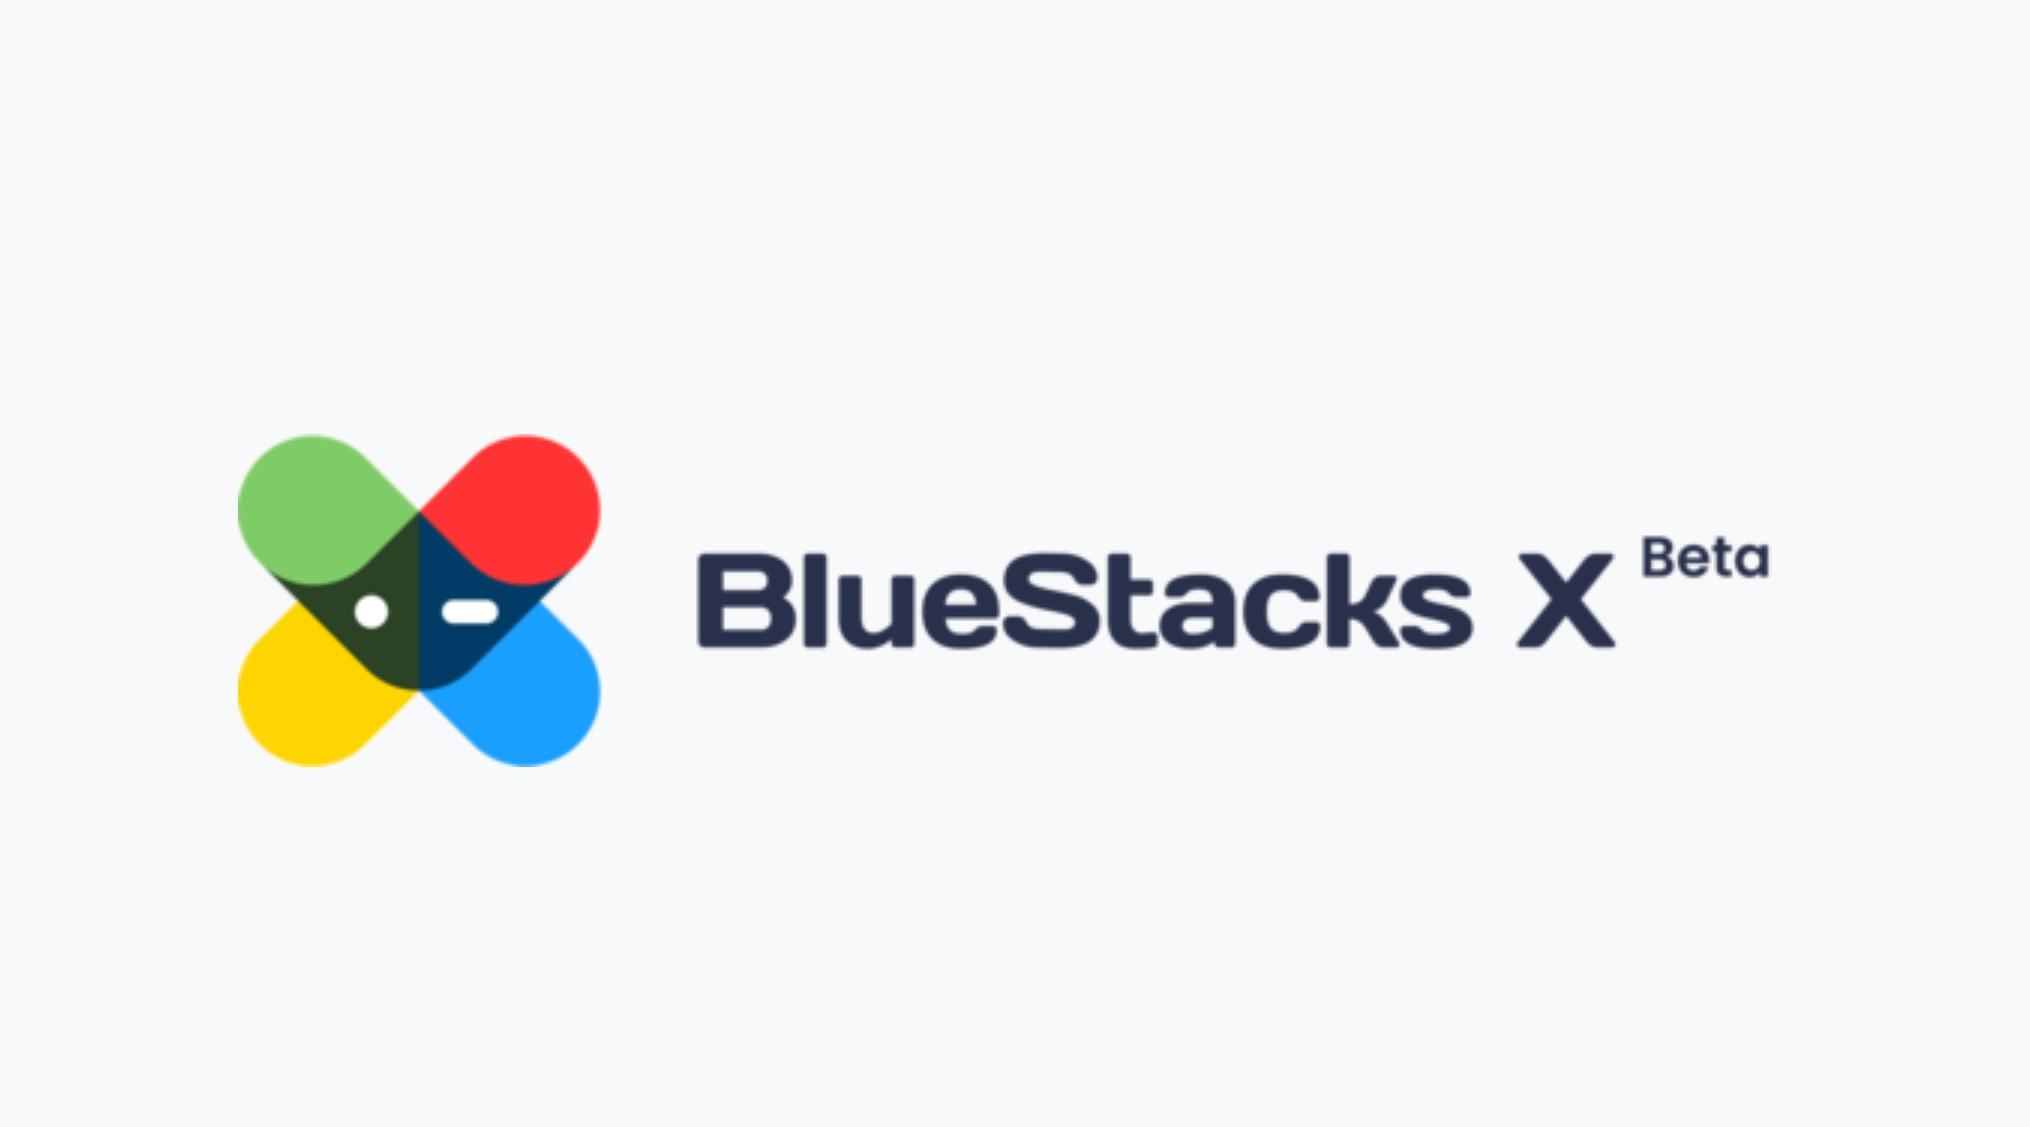 Lanciato BlueStacks X (beta) primo servizio di cloud gaming per giochimobili